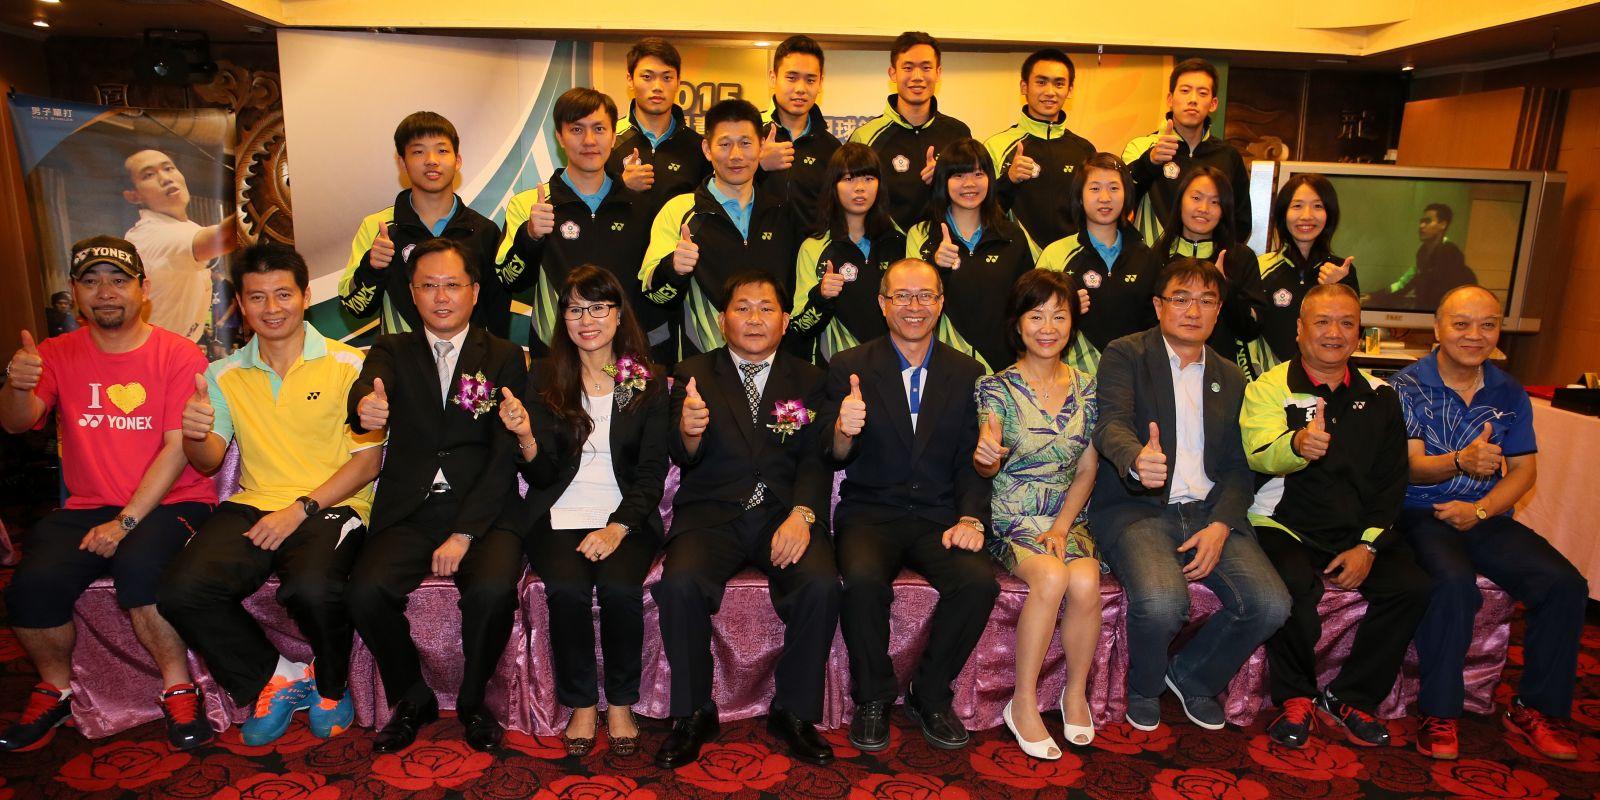 於世青羽賽混團獲銅的台灣小將們與出席貴賓合影(李天助/攝)